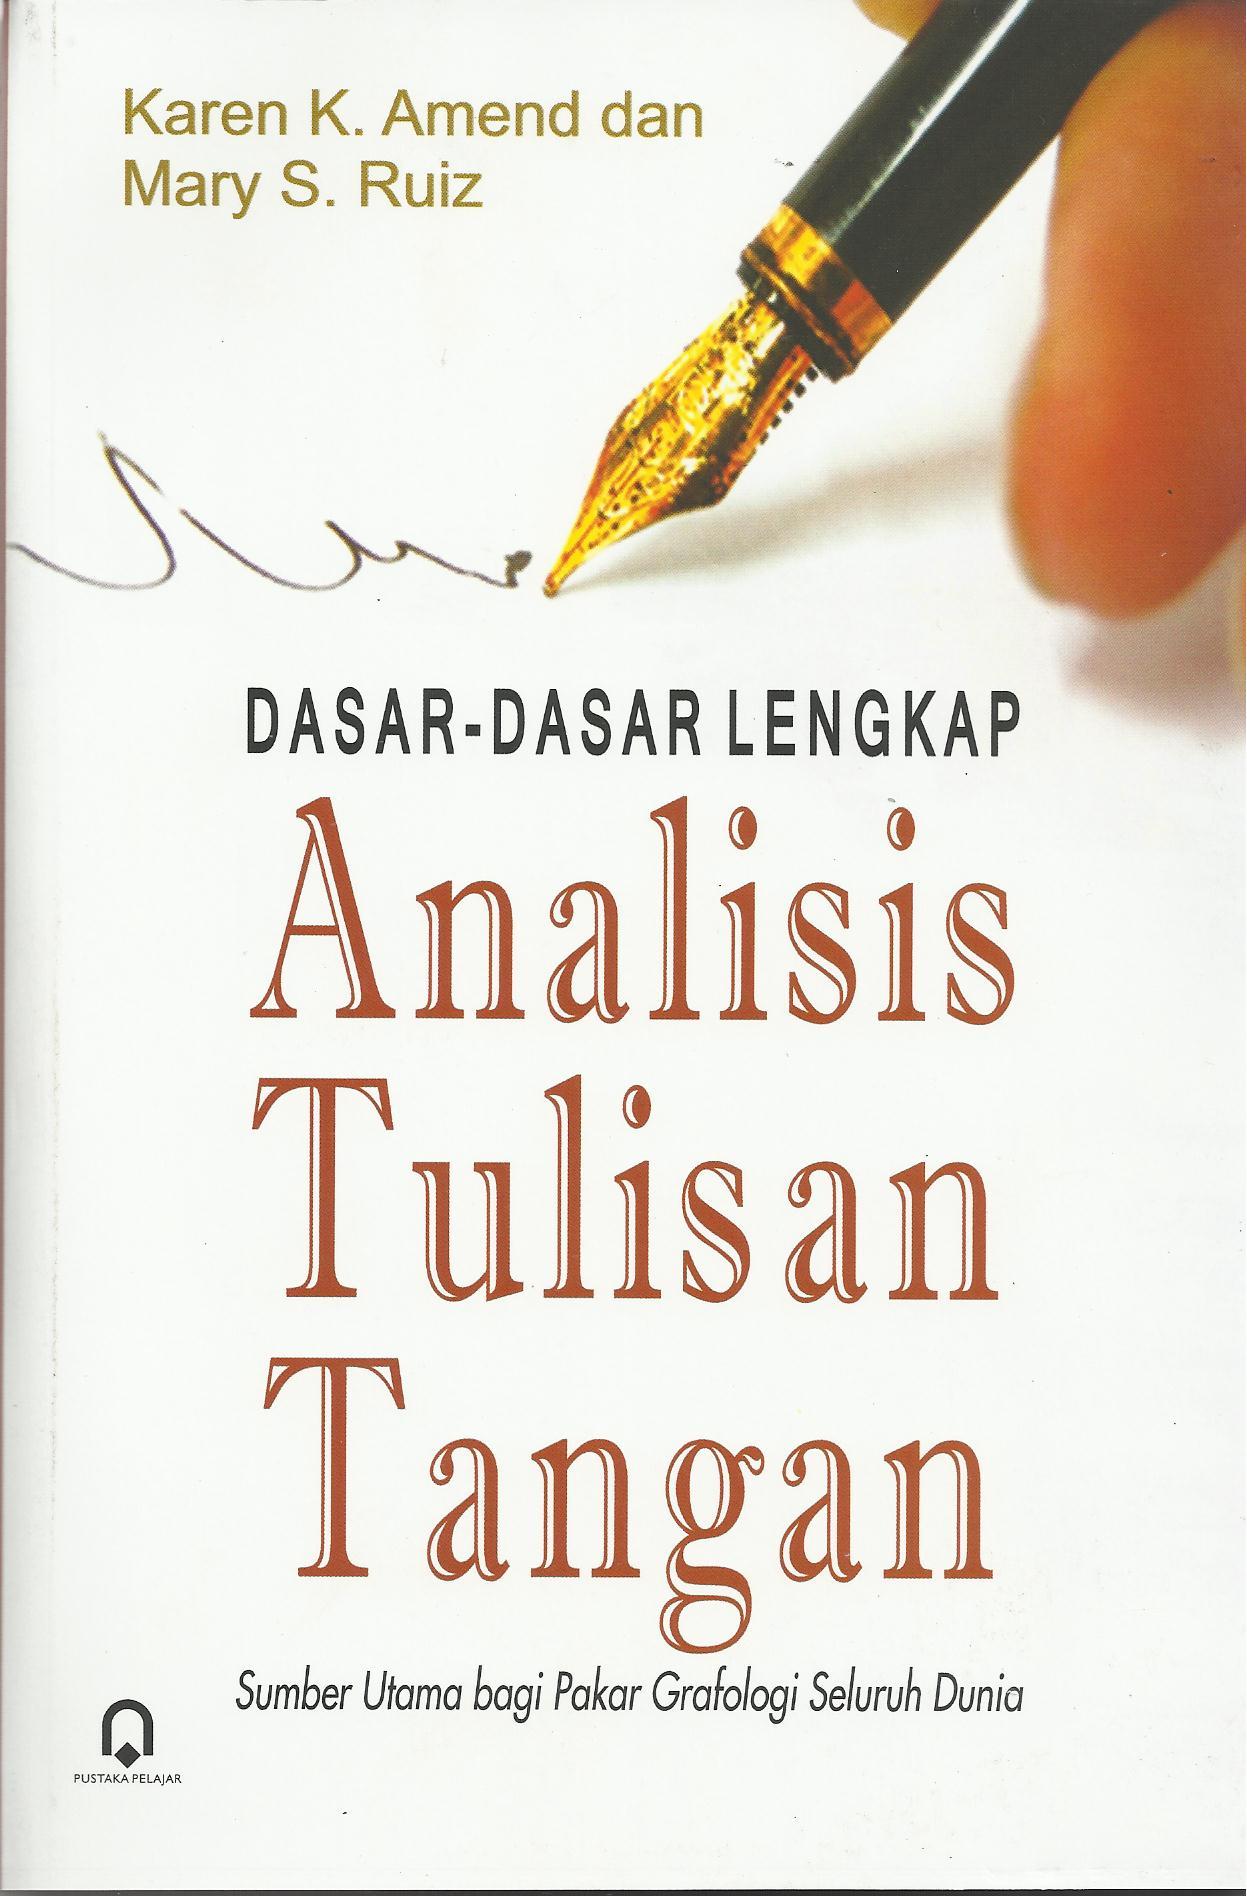 Analisis Tulisan Tangan